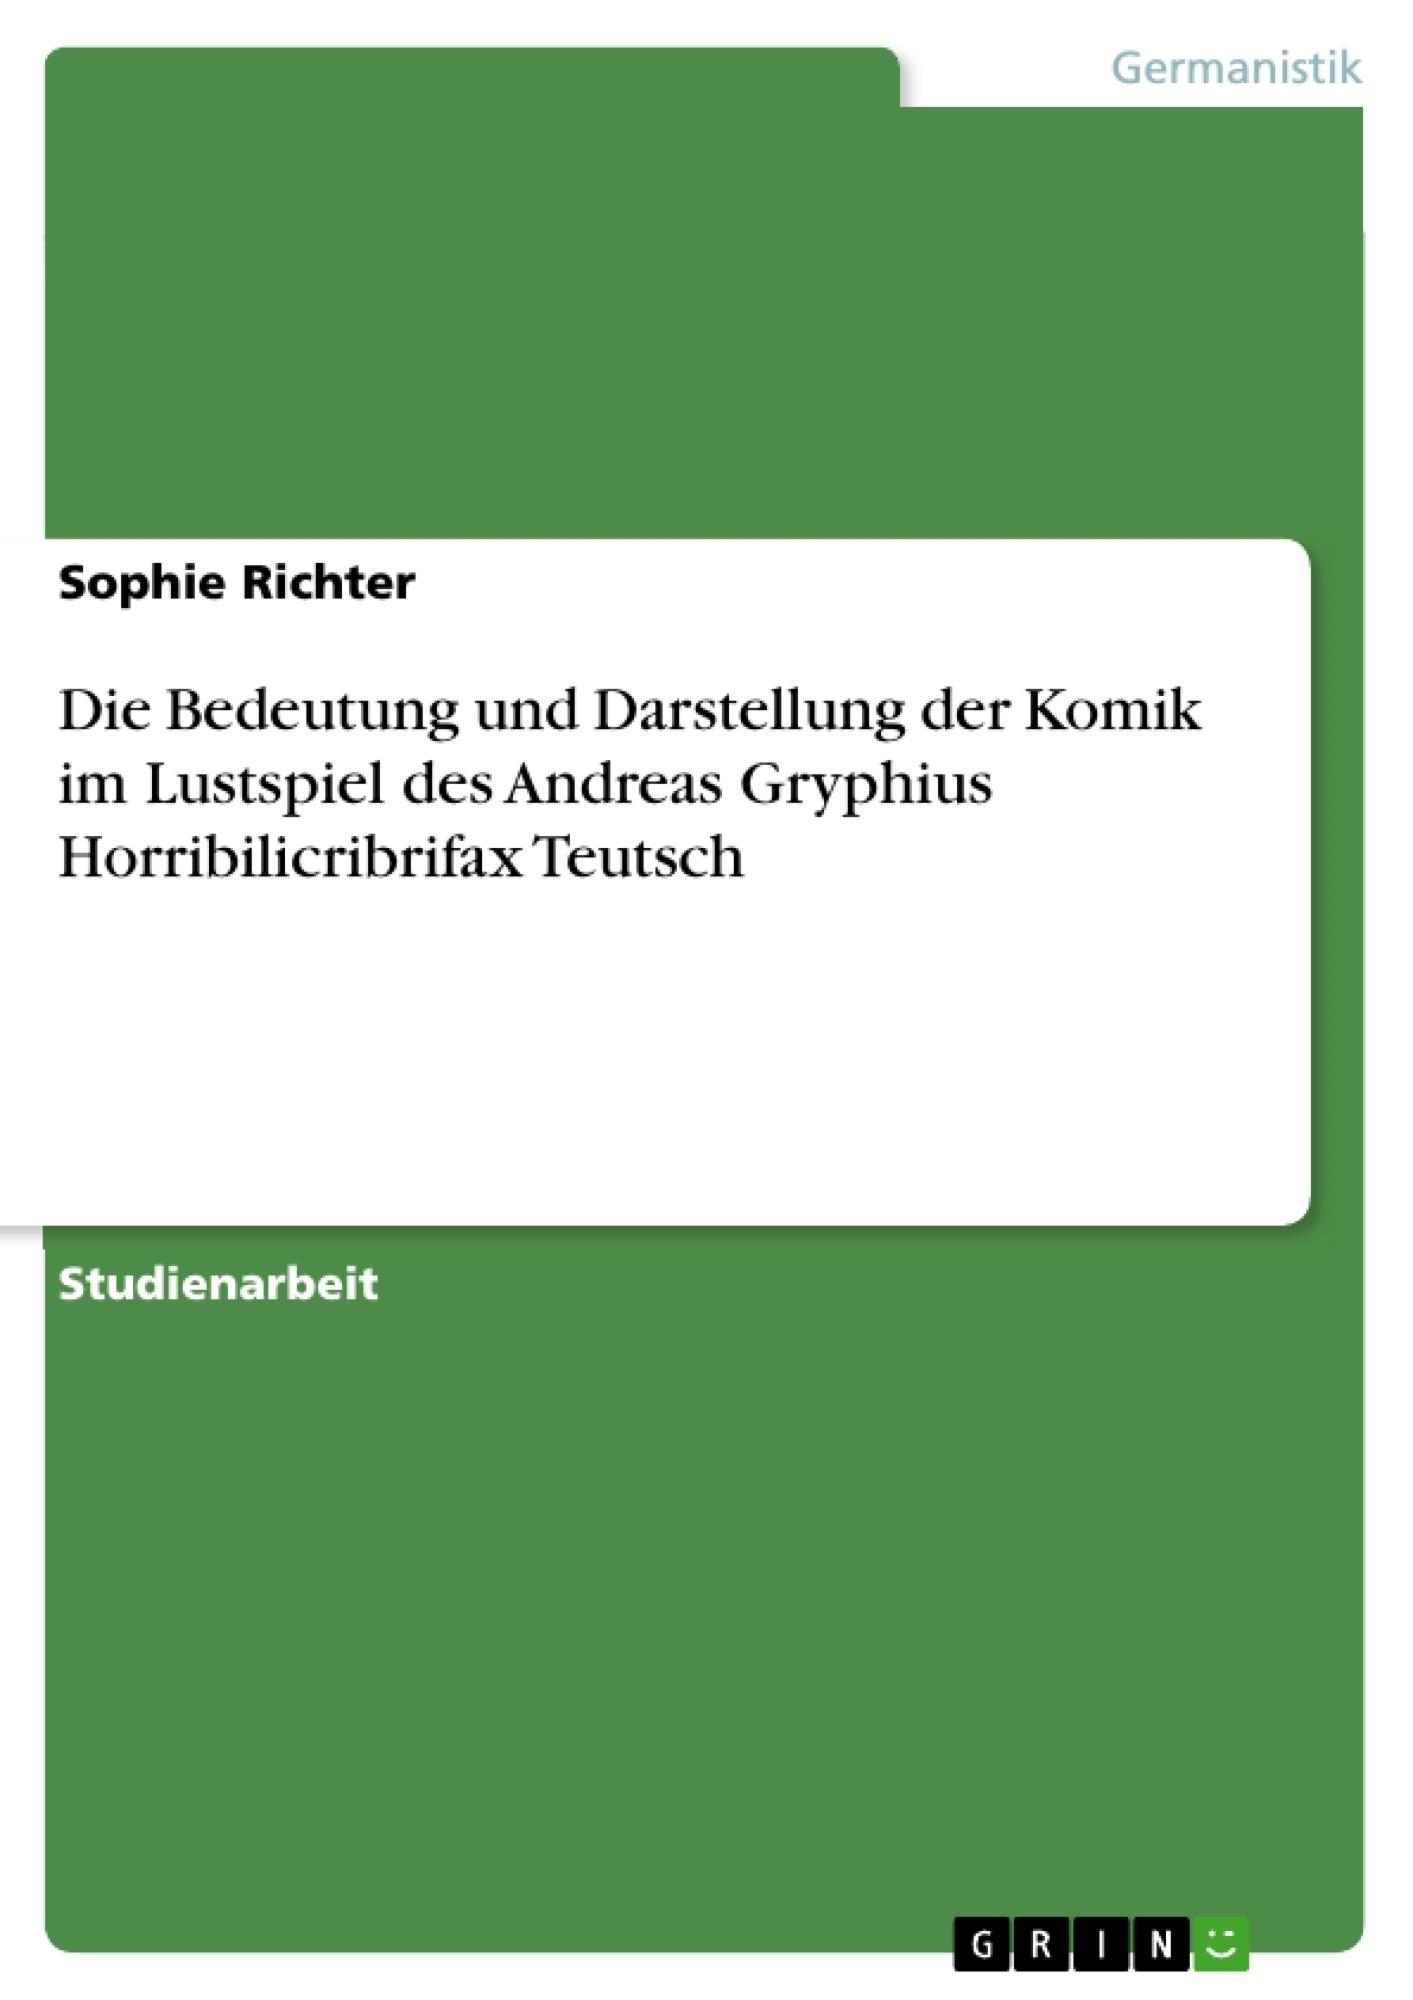 Titel: Die Bedeutung und Darstellung der Komik im Lustspiel des Andreas Gryphius Horribilicribrifax Teutsch